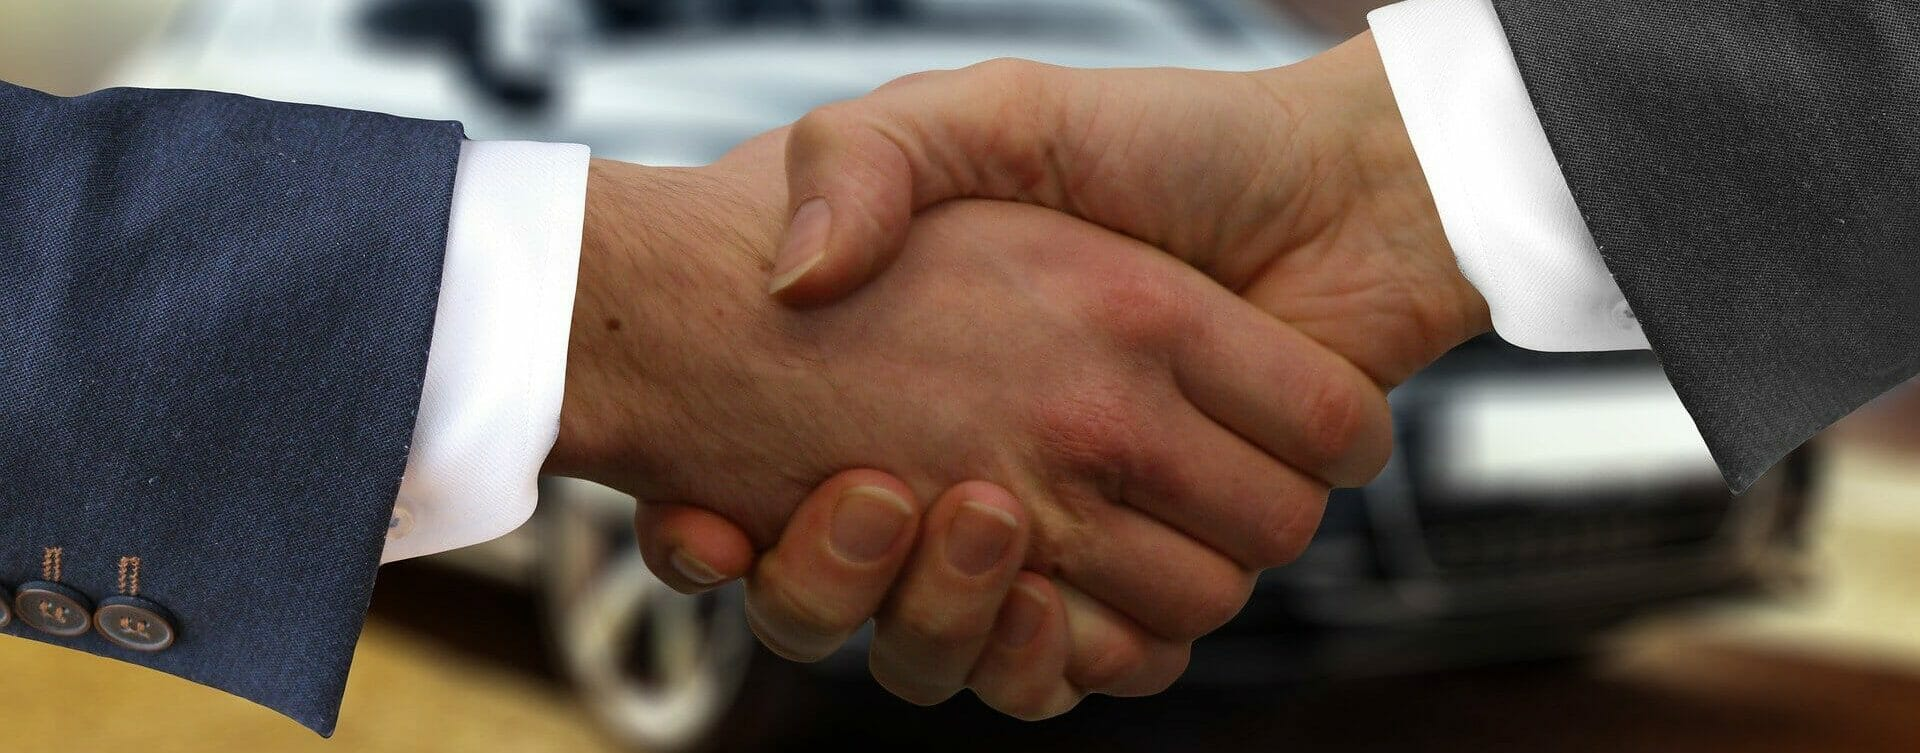 Autobarankauf mit Handschlag